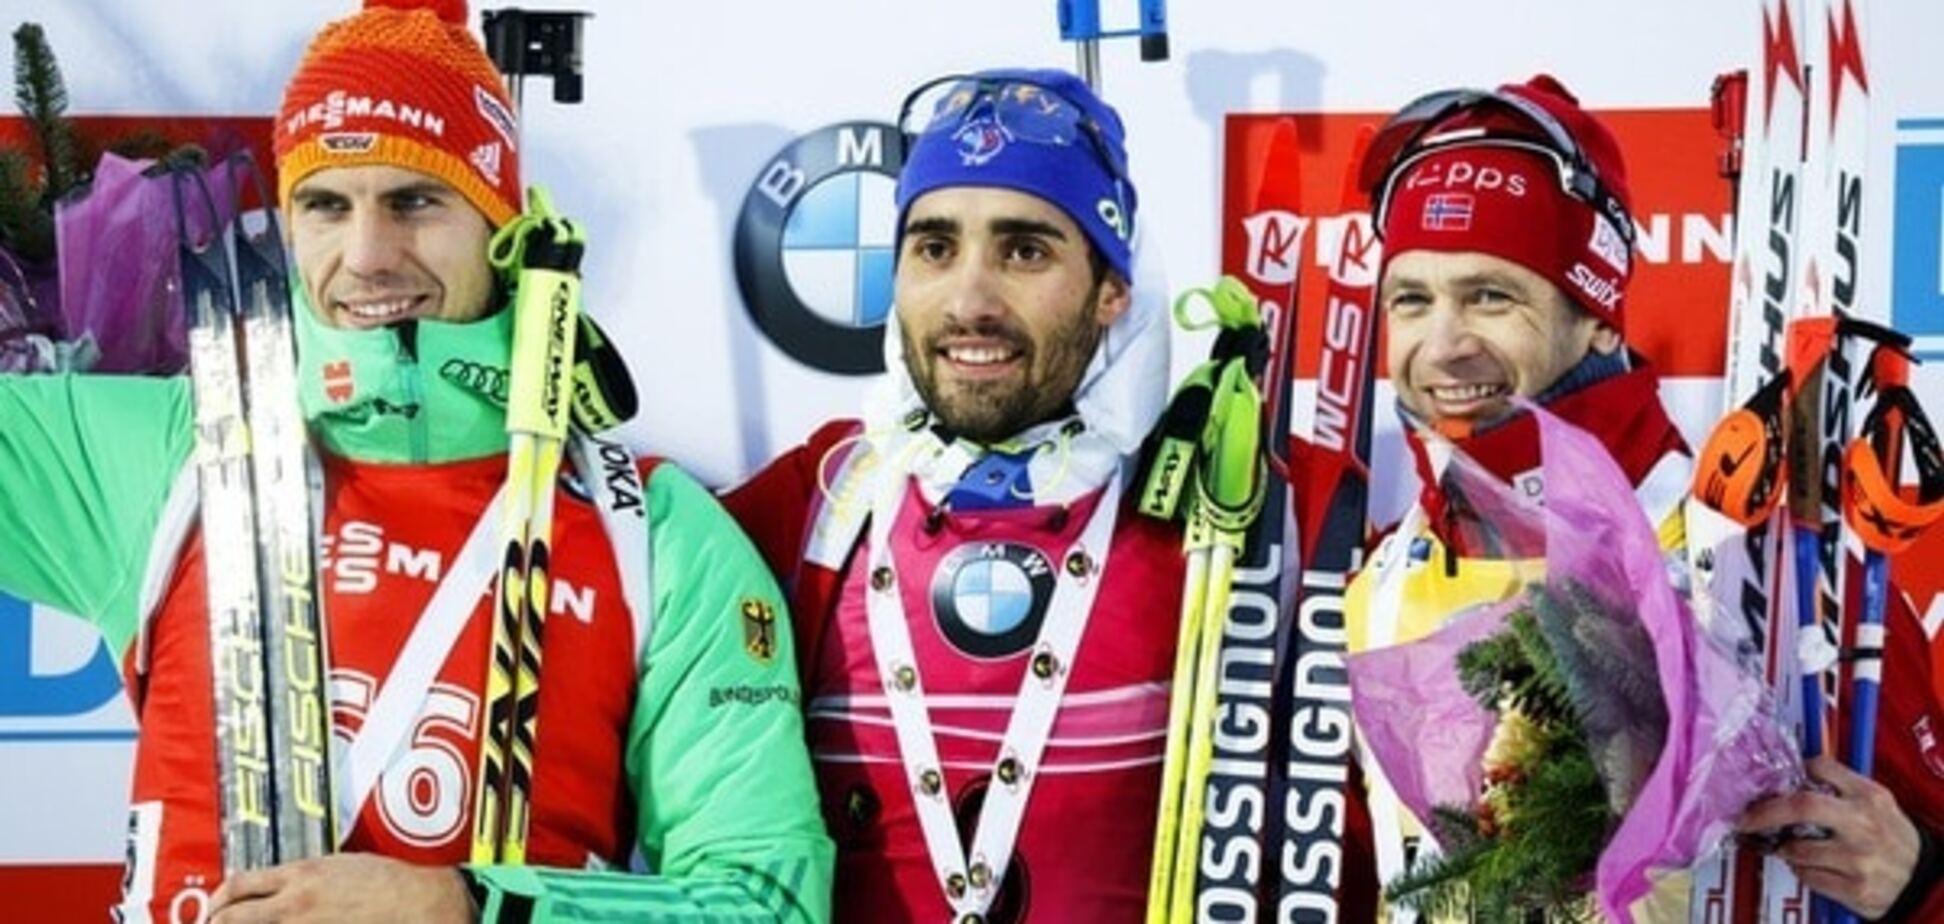 Українець увійшов до Топ-8 на спринтерській гонці Кубка світу з біатлону